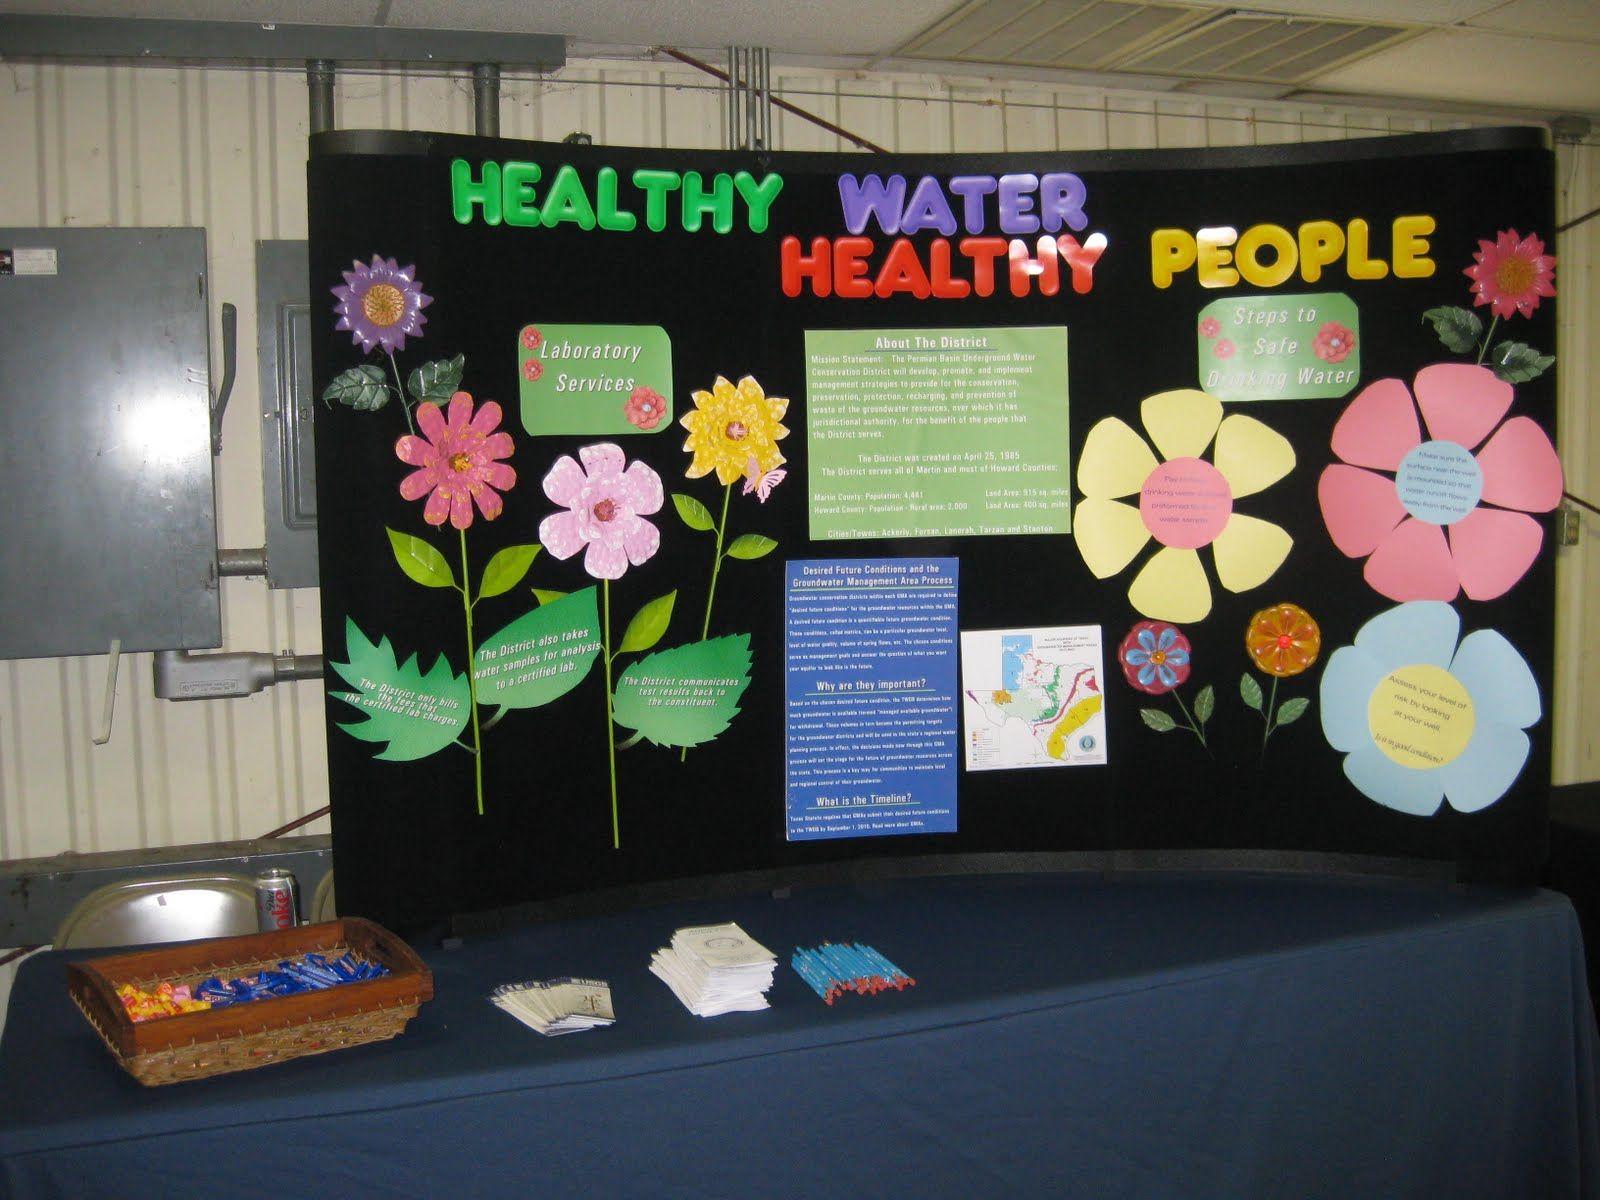 10 Cute Health And Safety Fair Ideas martin county health fair health money healthy people booth 2021